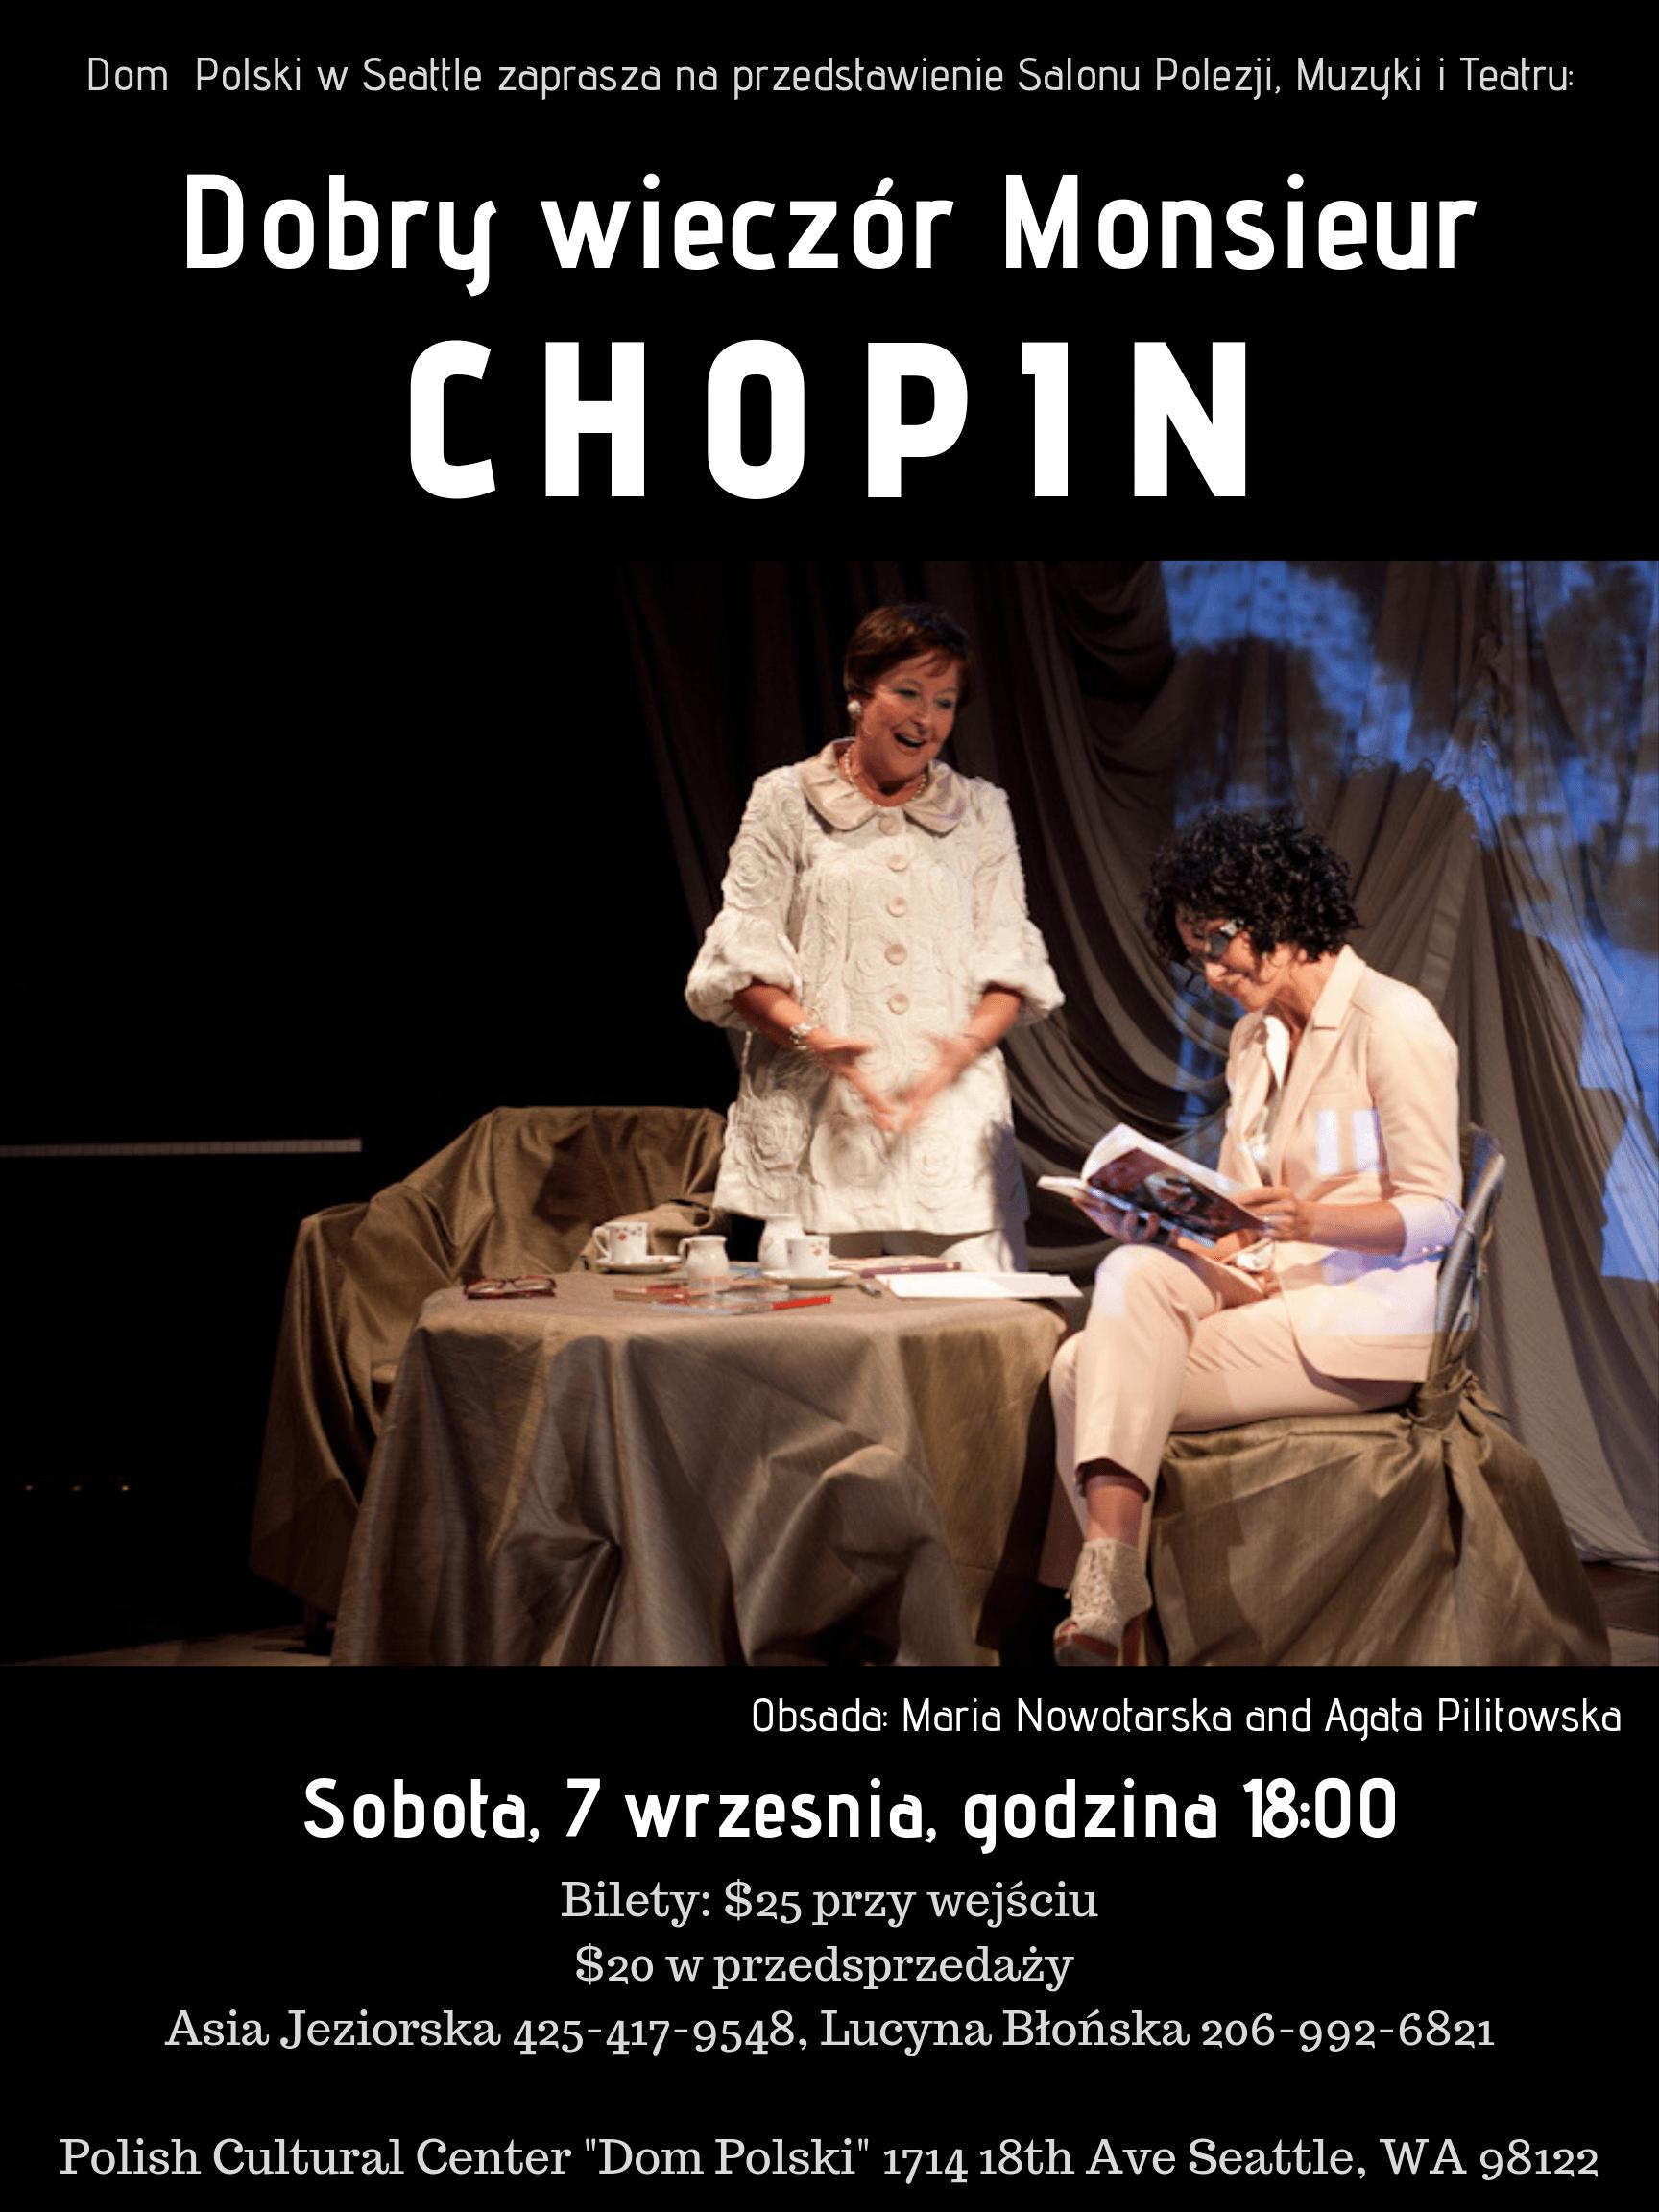 Przedstawienie teatralne: Dobry wieczór Monsieur Chopin